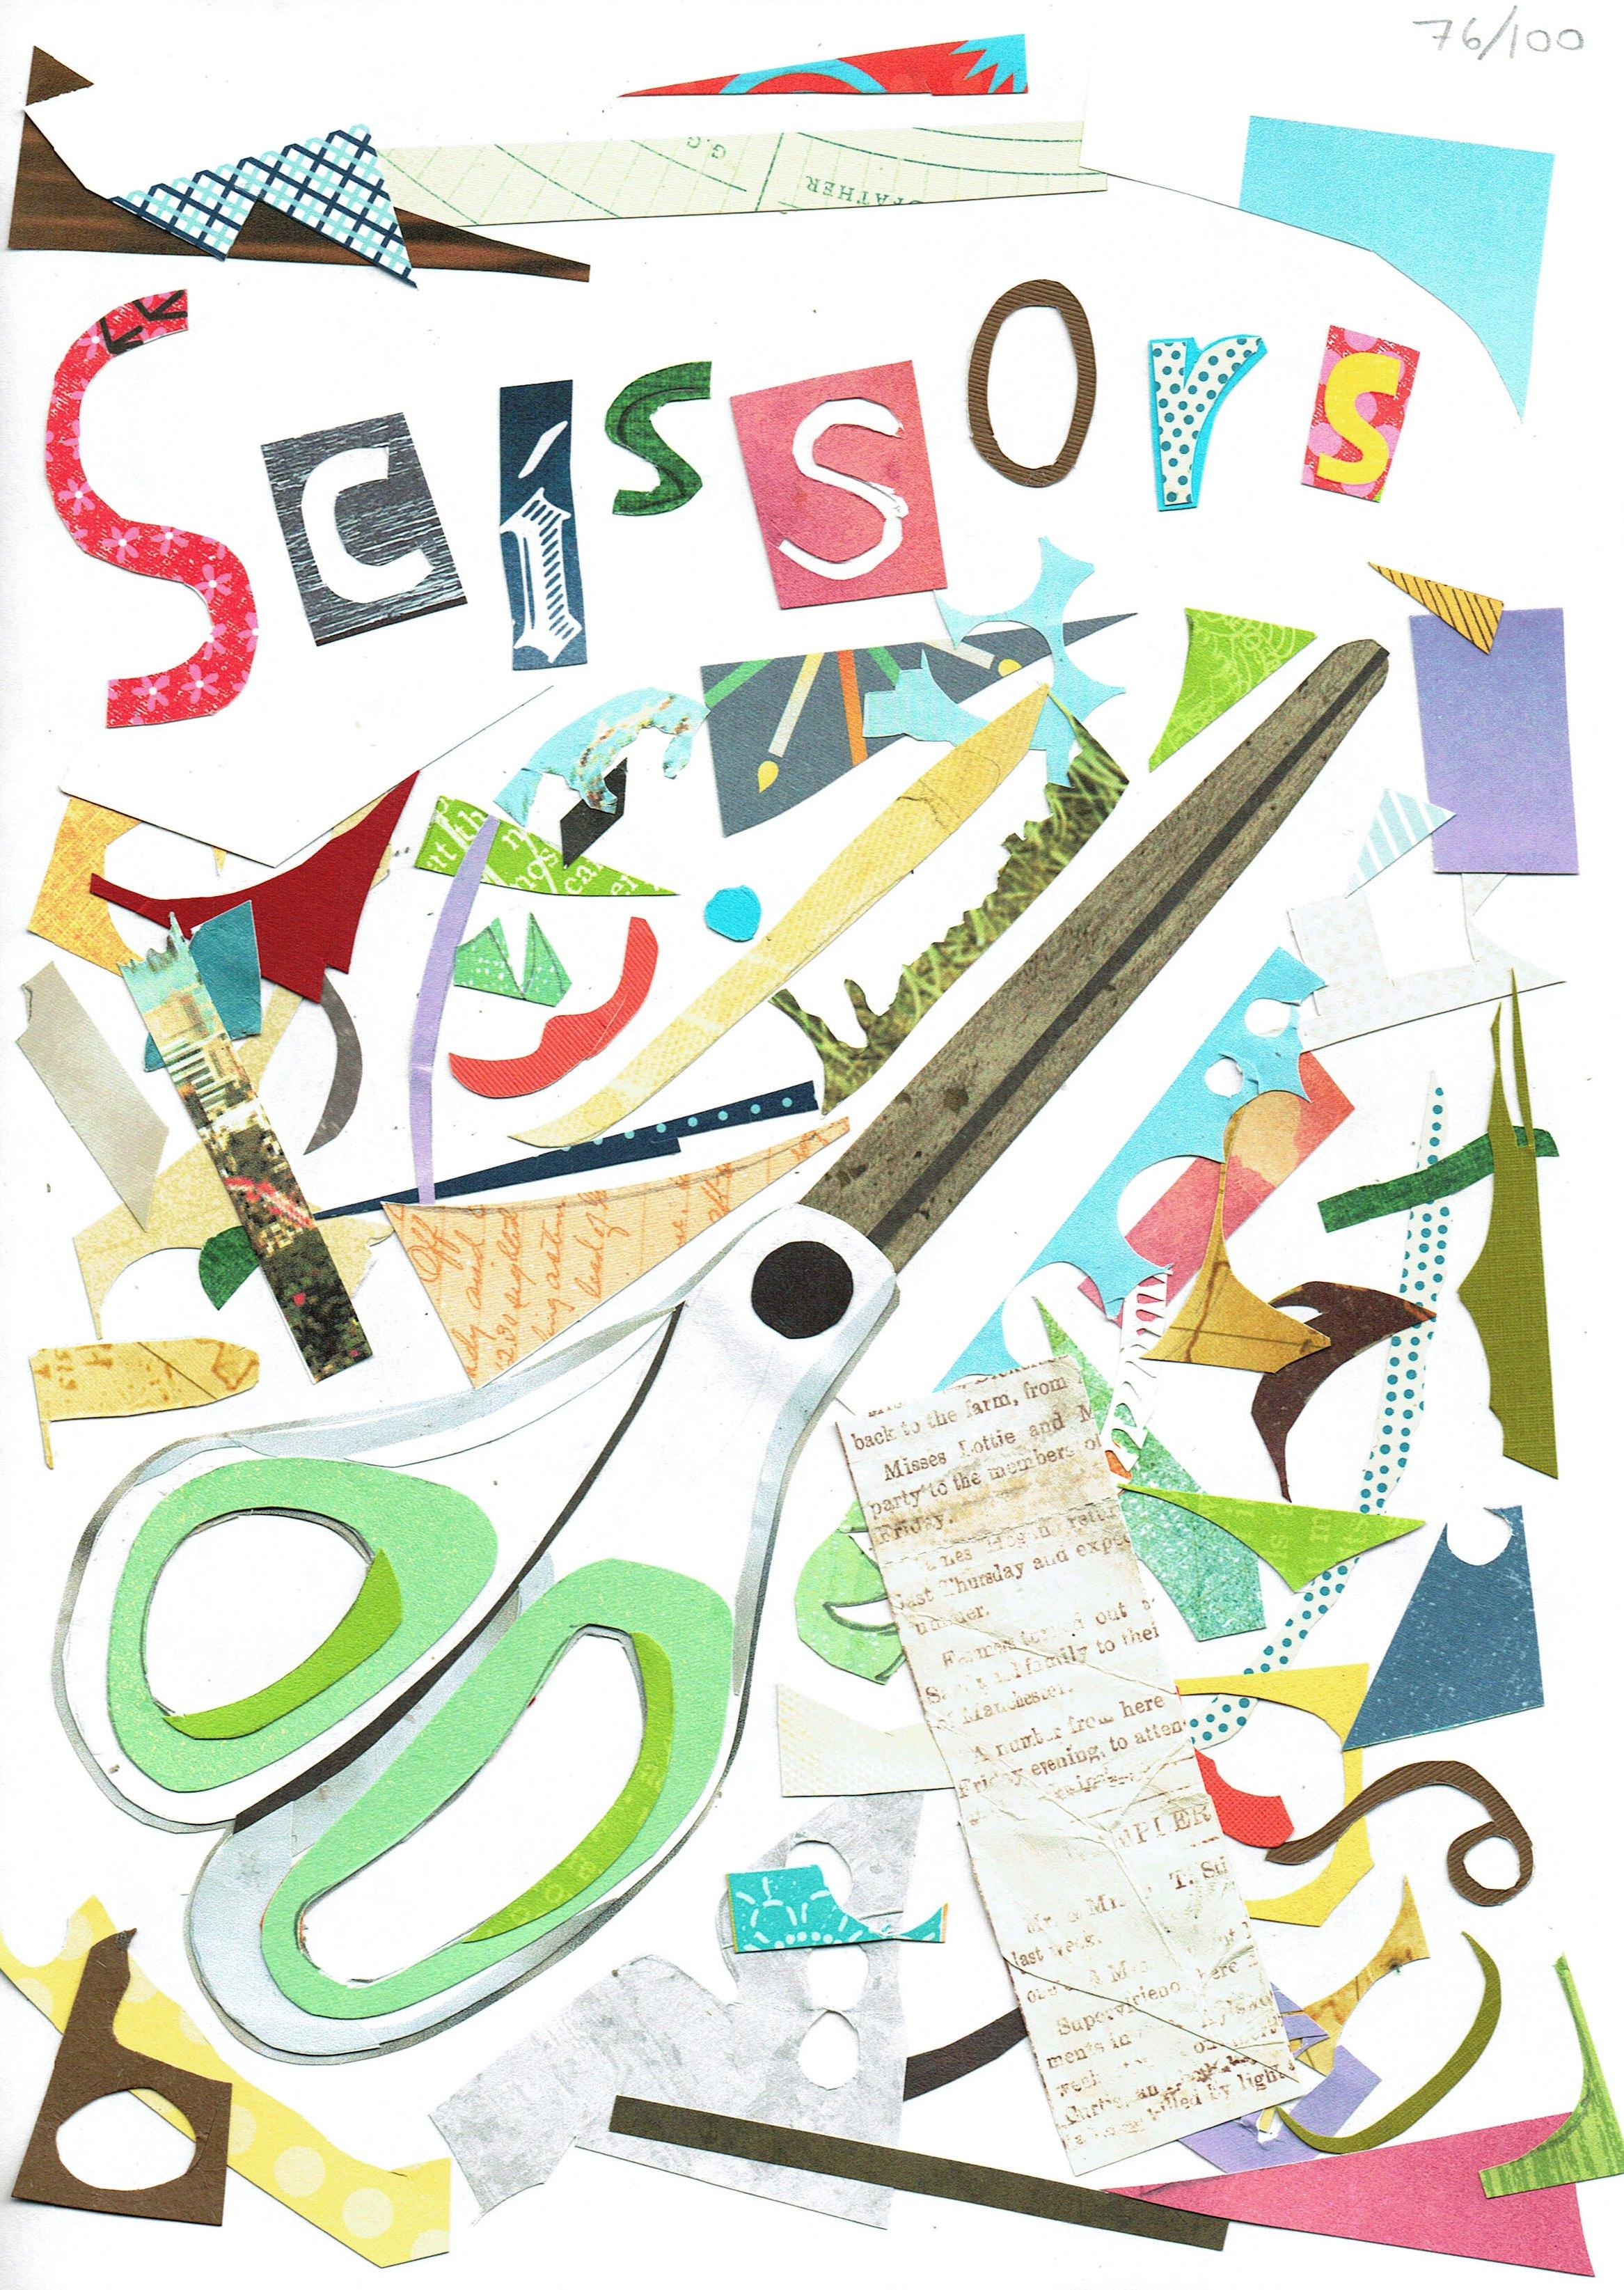 Day 76 - Scissors